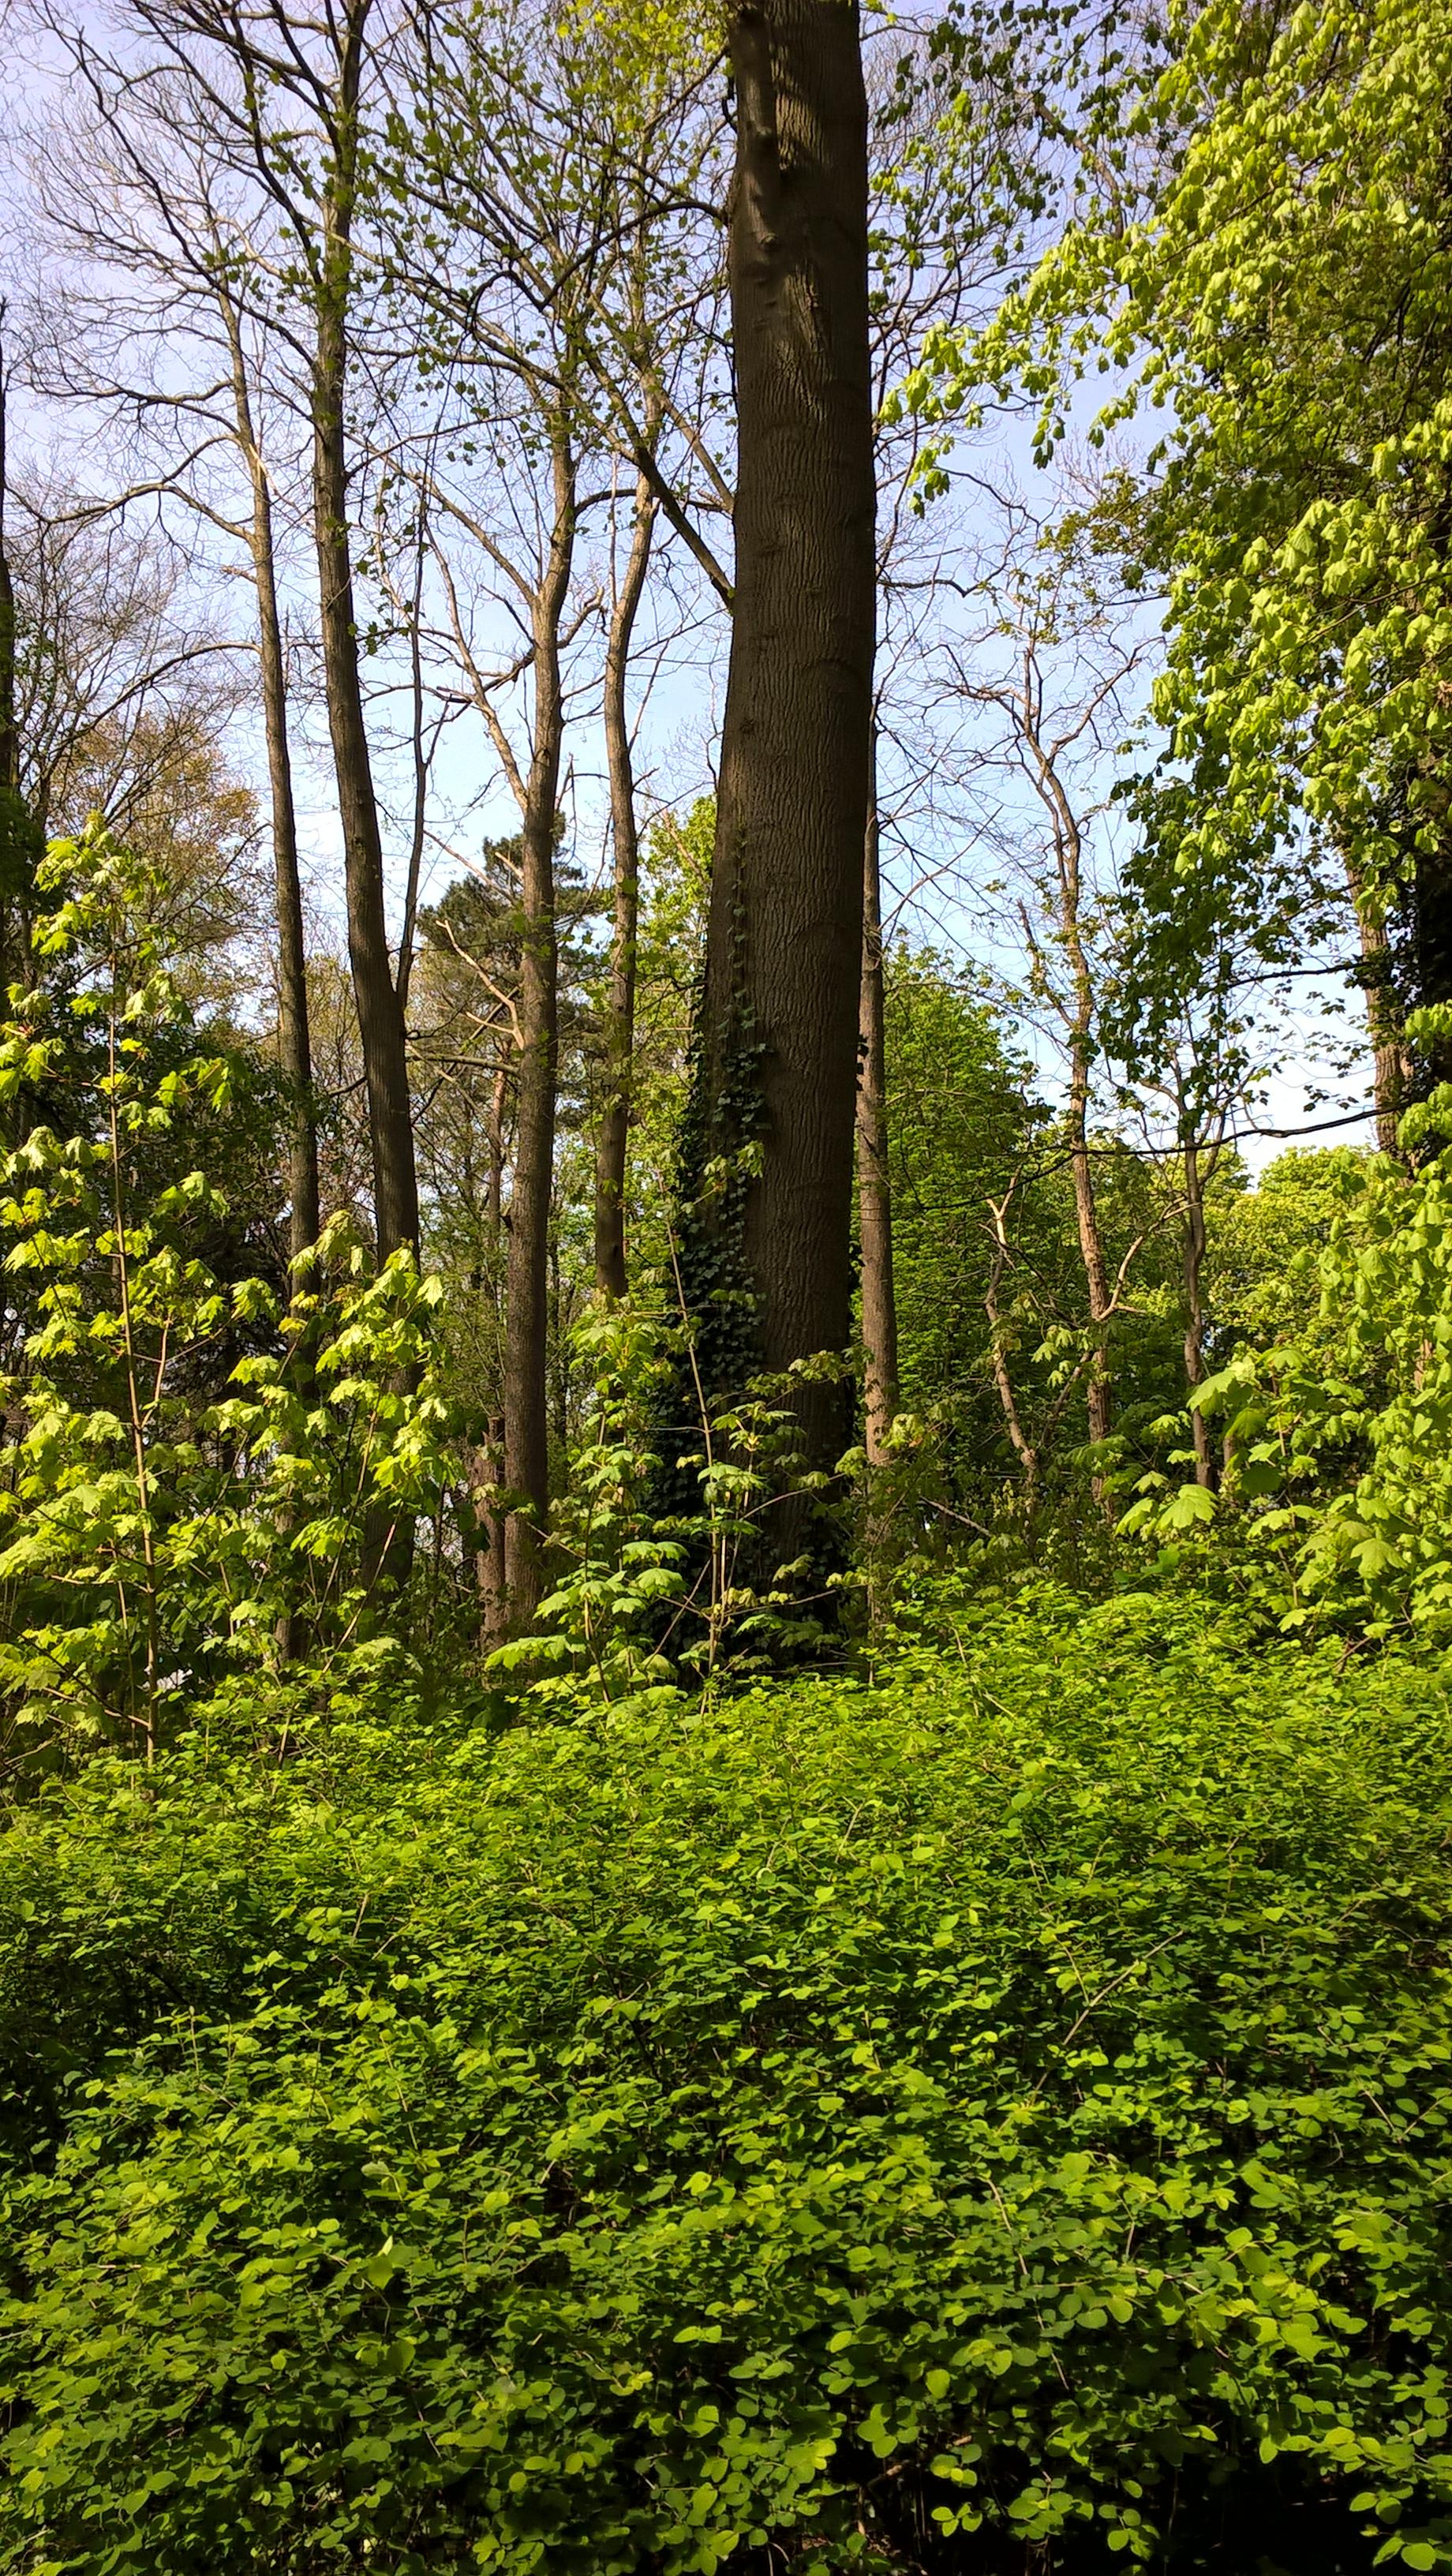 Tulpenboom – Ukkel, Domein Latour de Freins, Engelandstraat, 555 –  20 April 2017